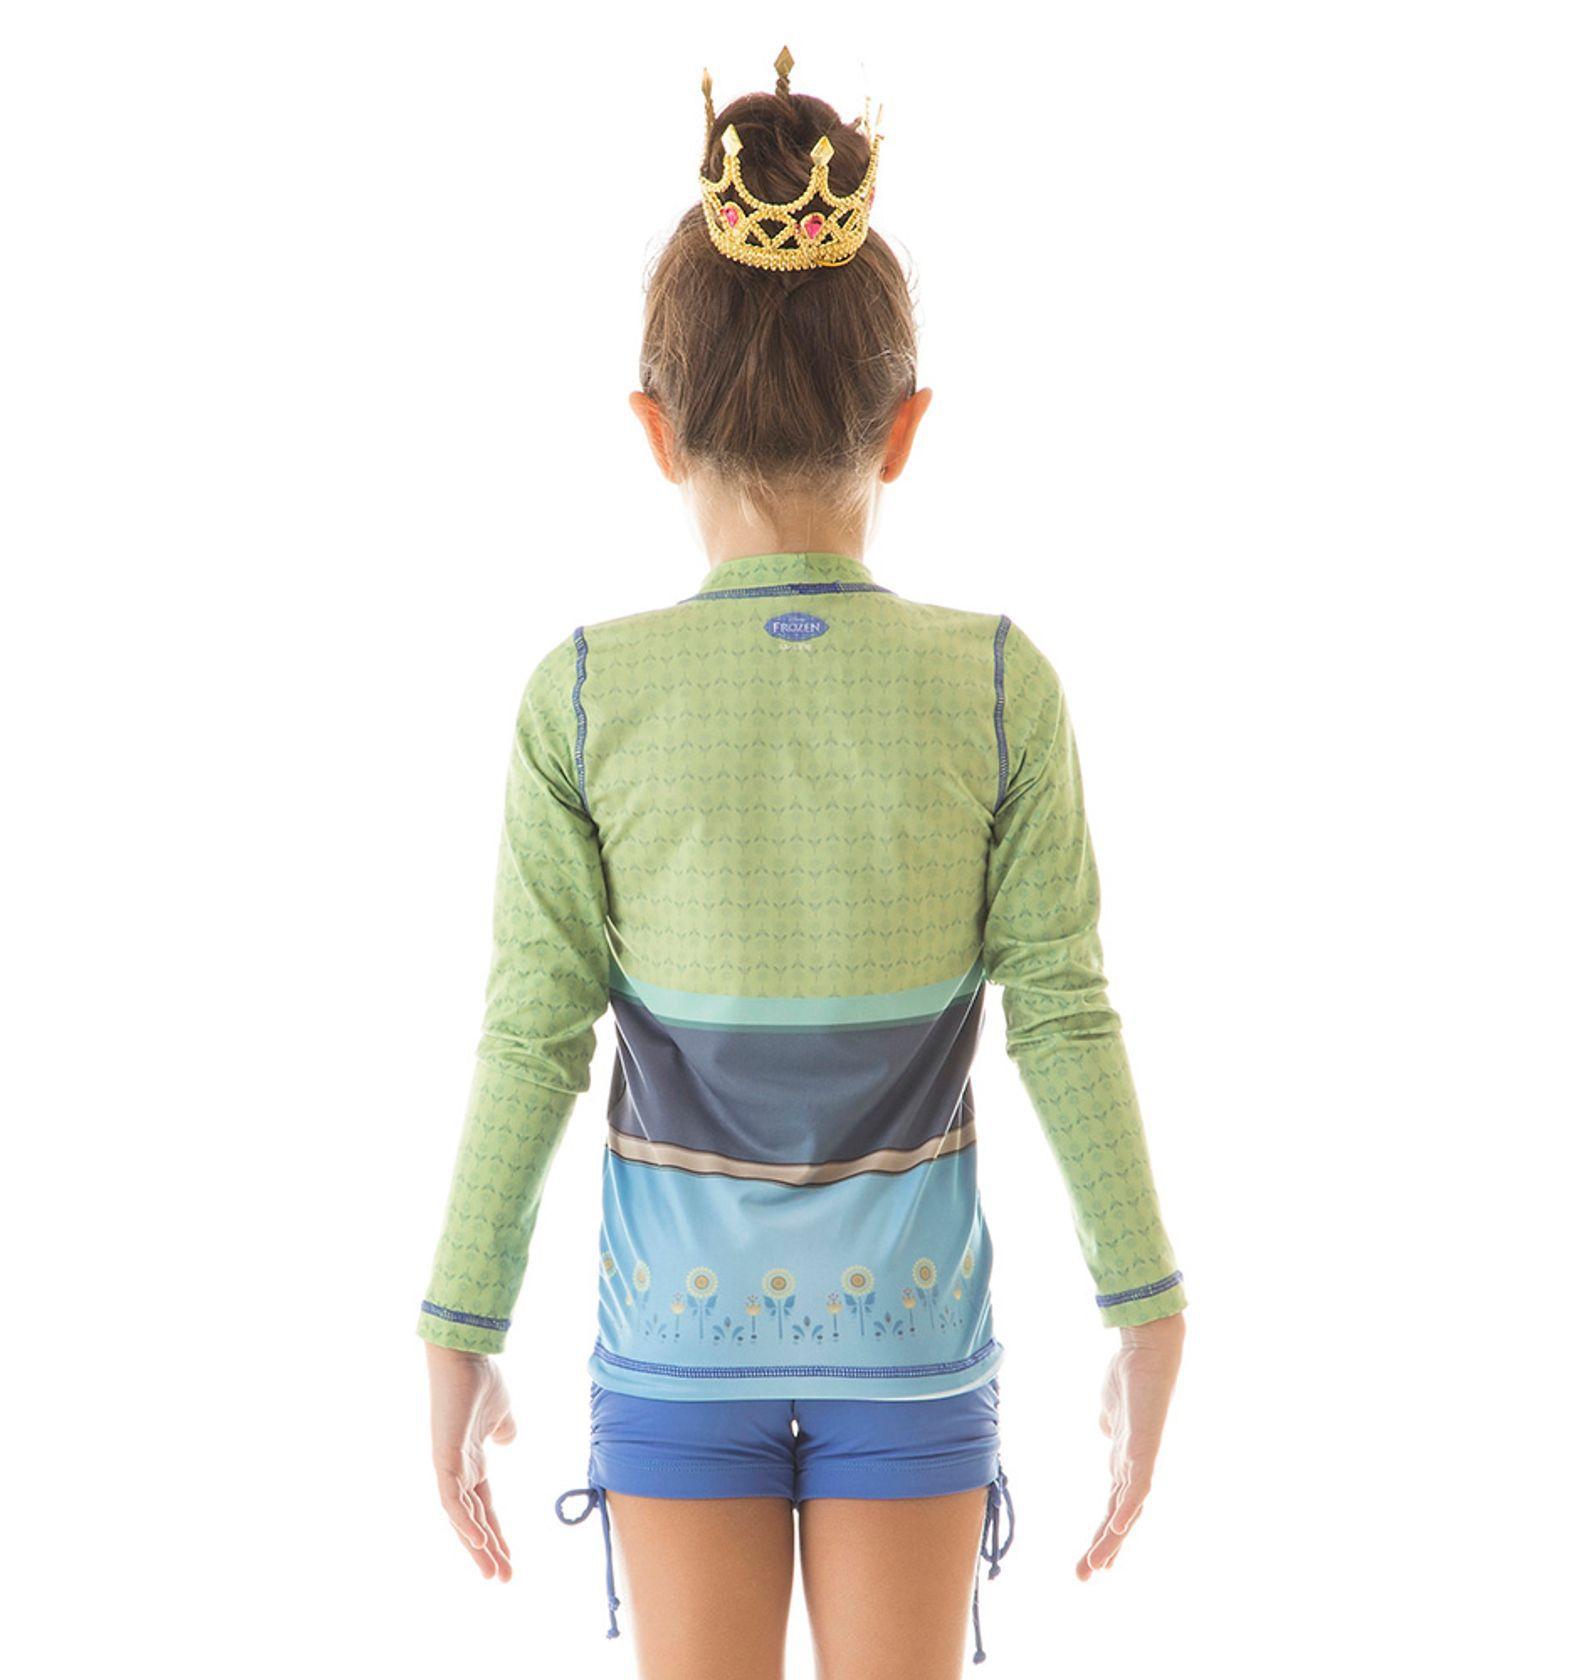 UV LINE Camiseta Acqua Anna Fever ML Infantil Proteção Solar